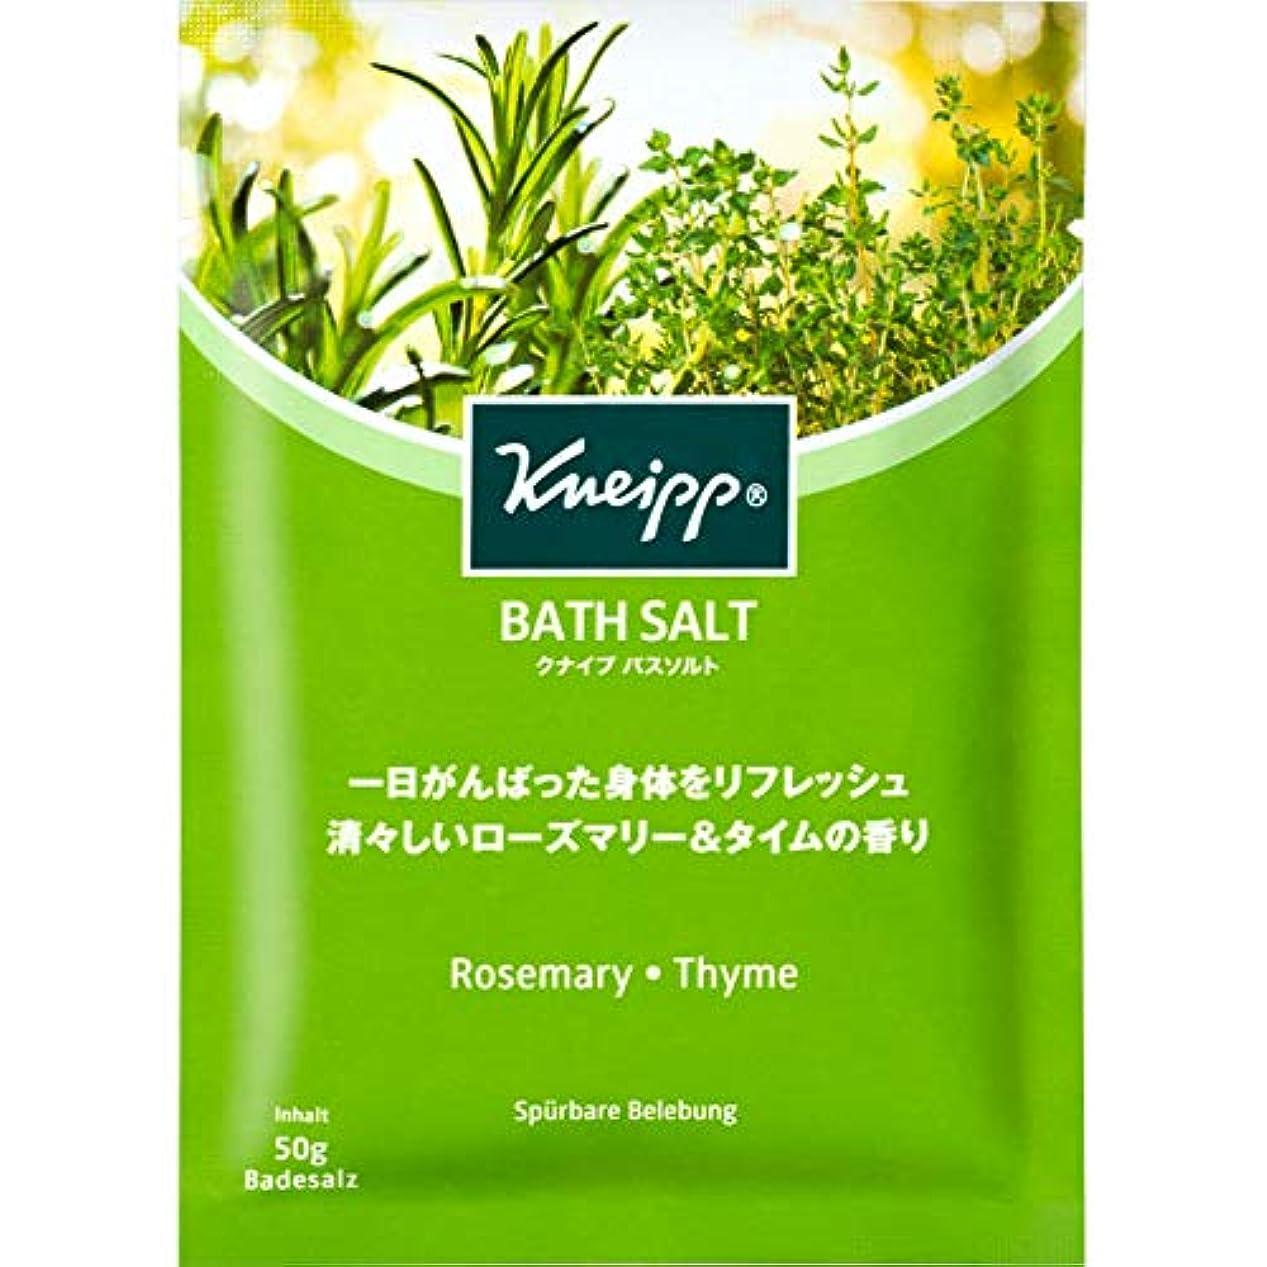 グラマーおしゃれな肌寒いクナイプ?ジャパン クナイプ バスソルト ローズマリー&タイムの香り 50g